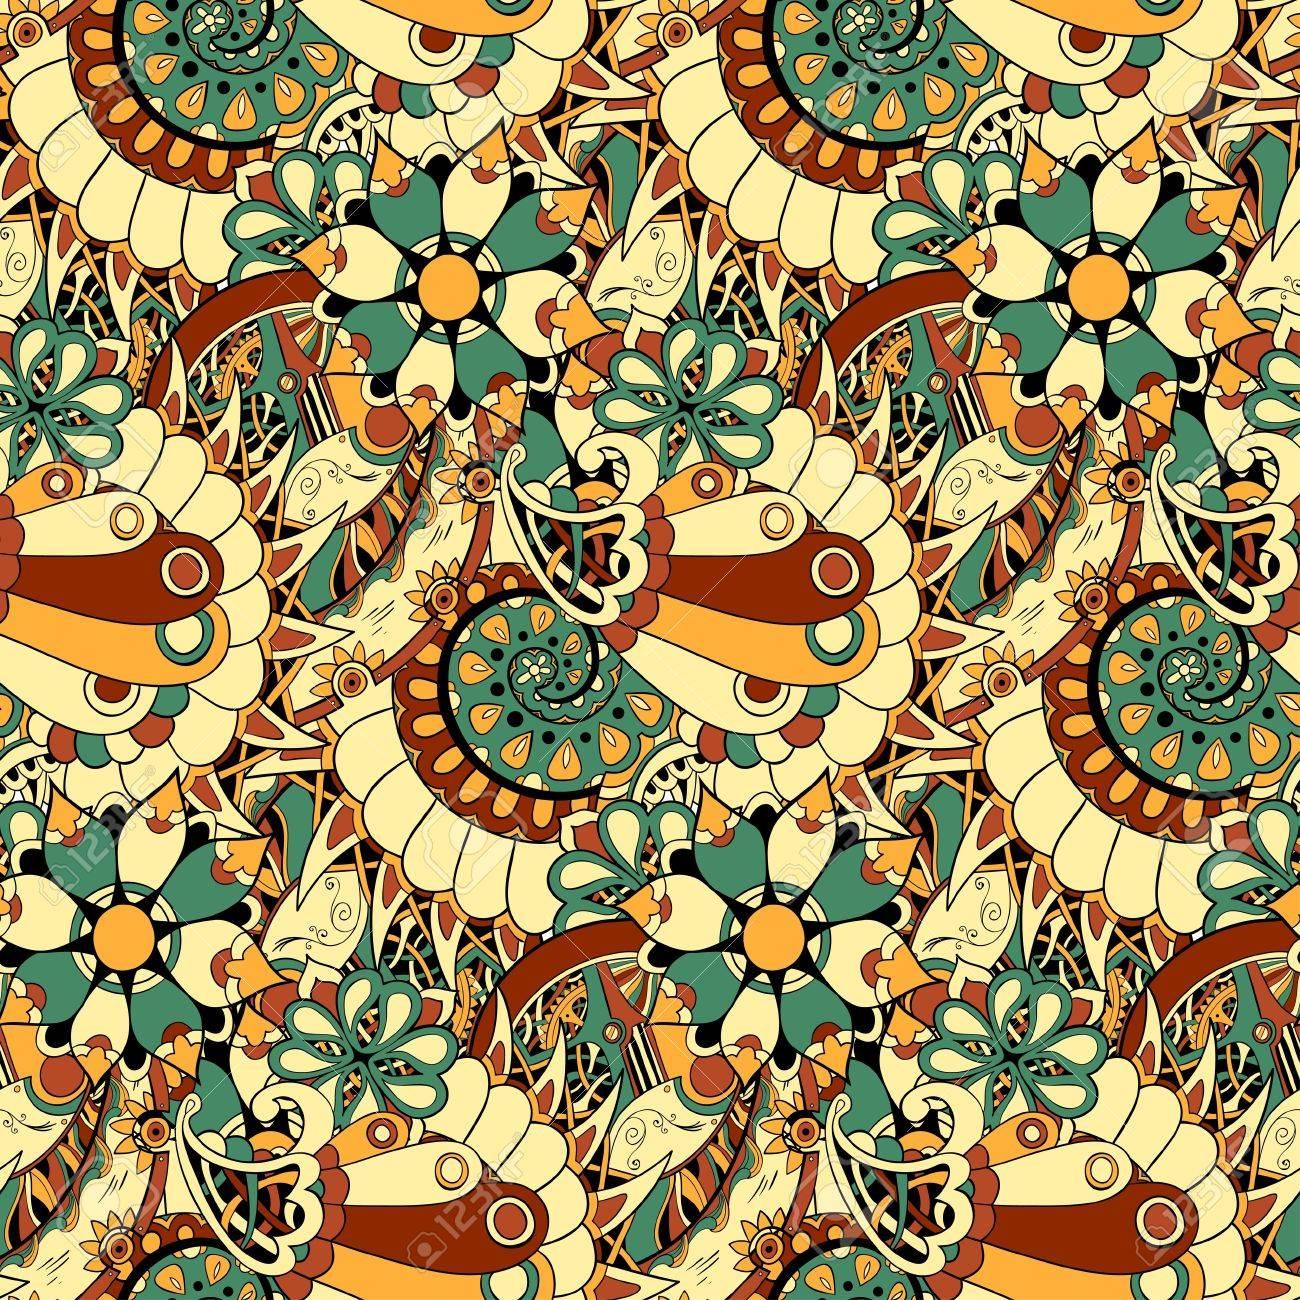 Web ページの背景テクスチャ パターンの塗りつぶし壁紙花機構スチーム パンクなシームレスなベクトル パターンを使用できます のイラスト素材 ベクタ Image